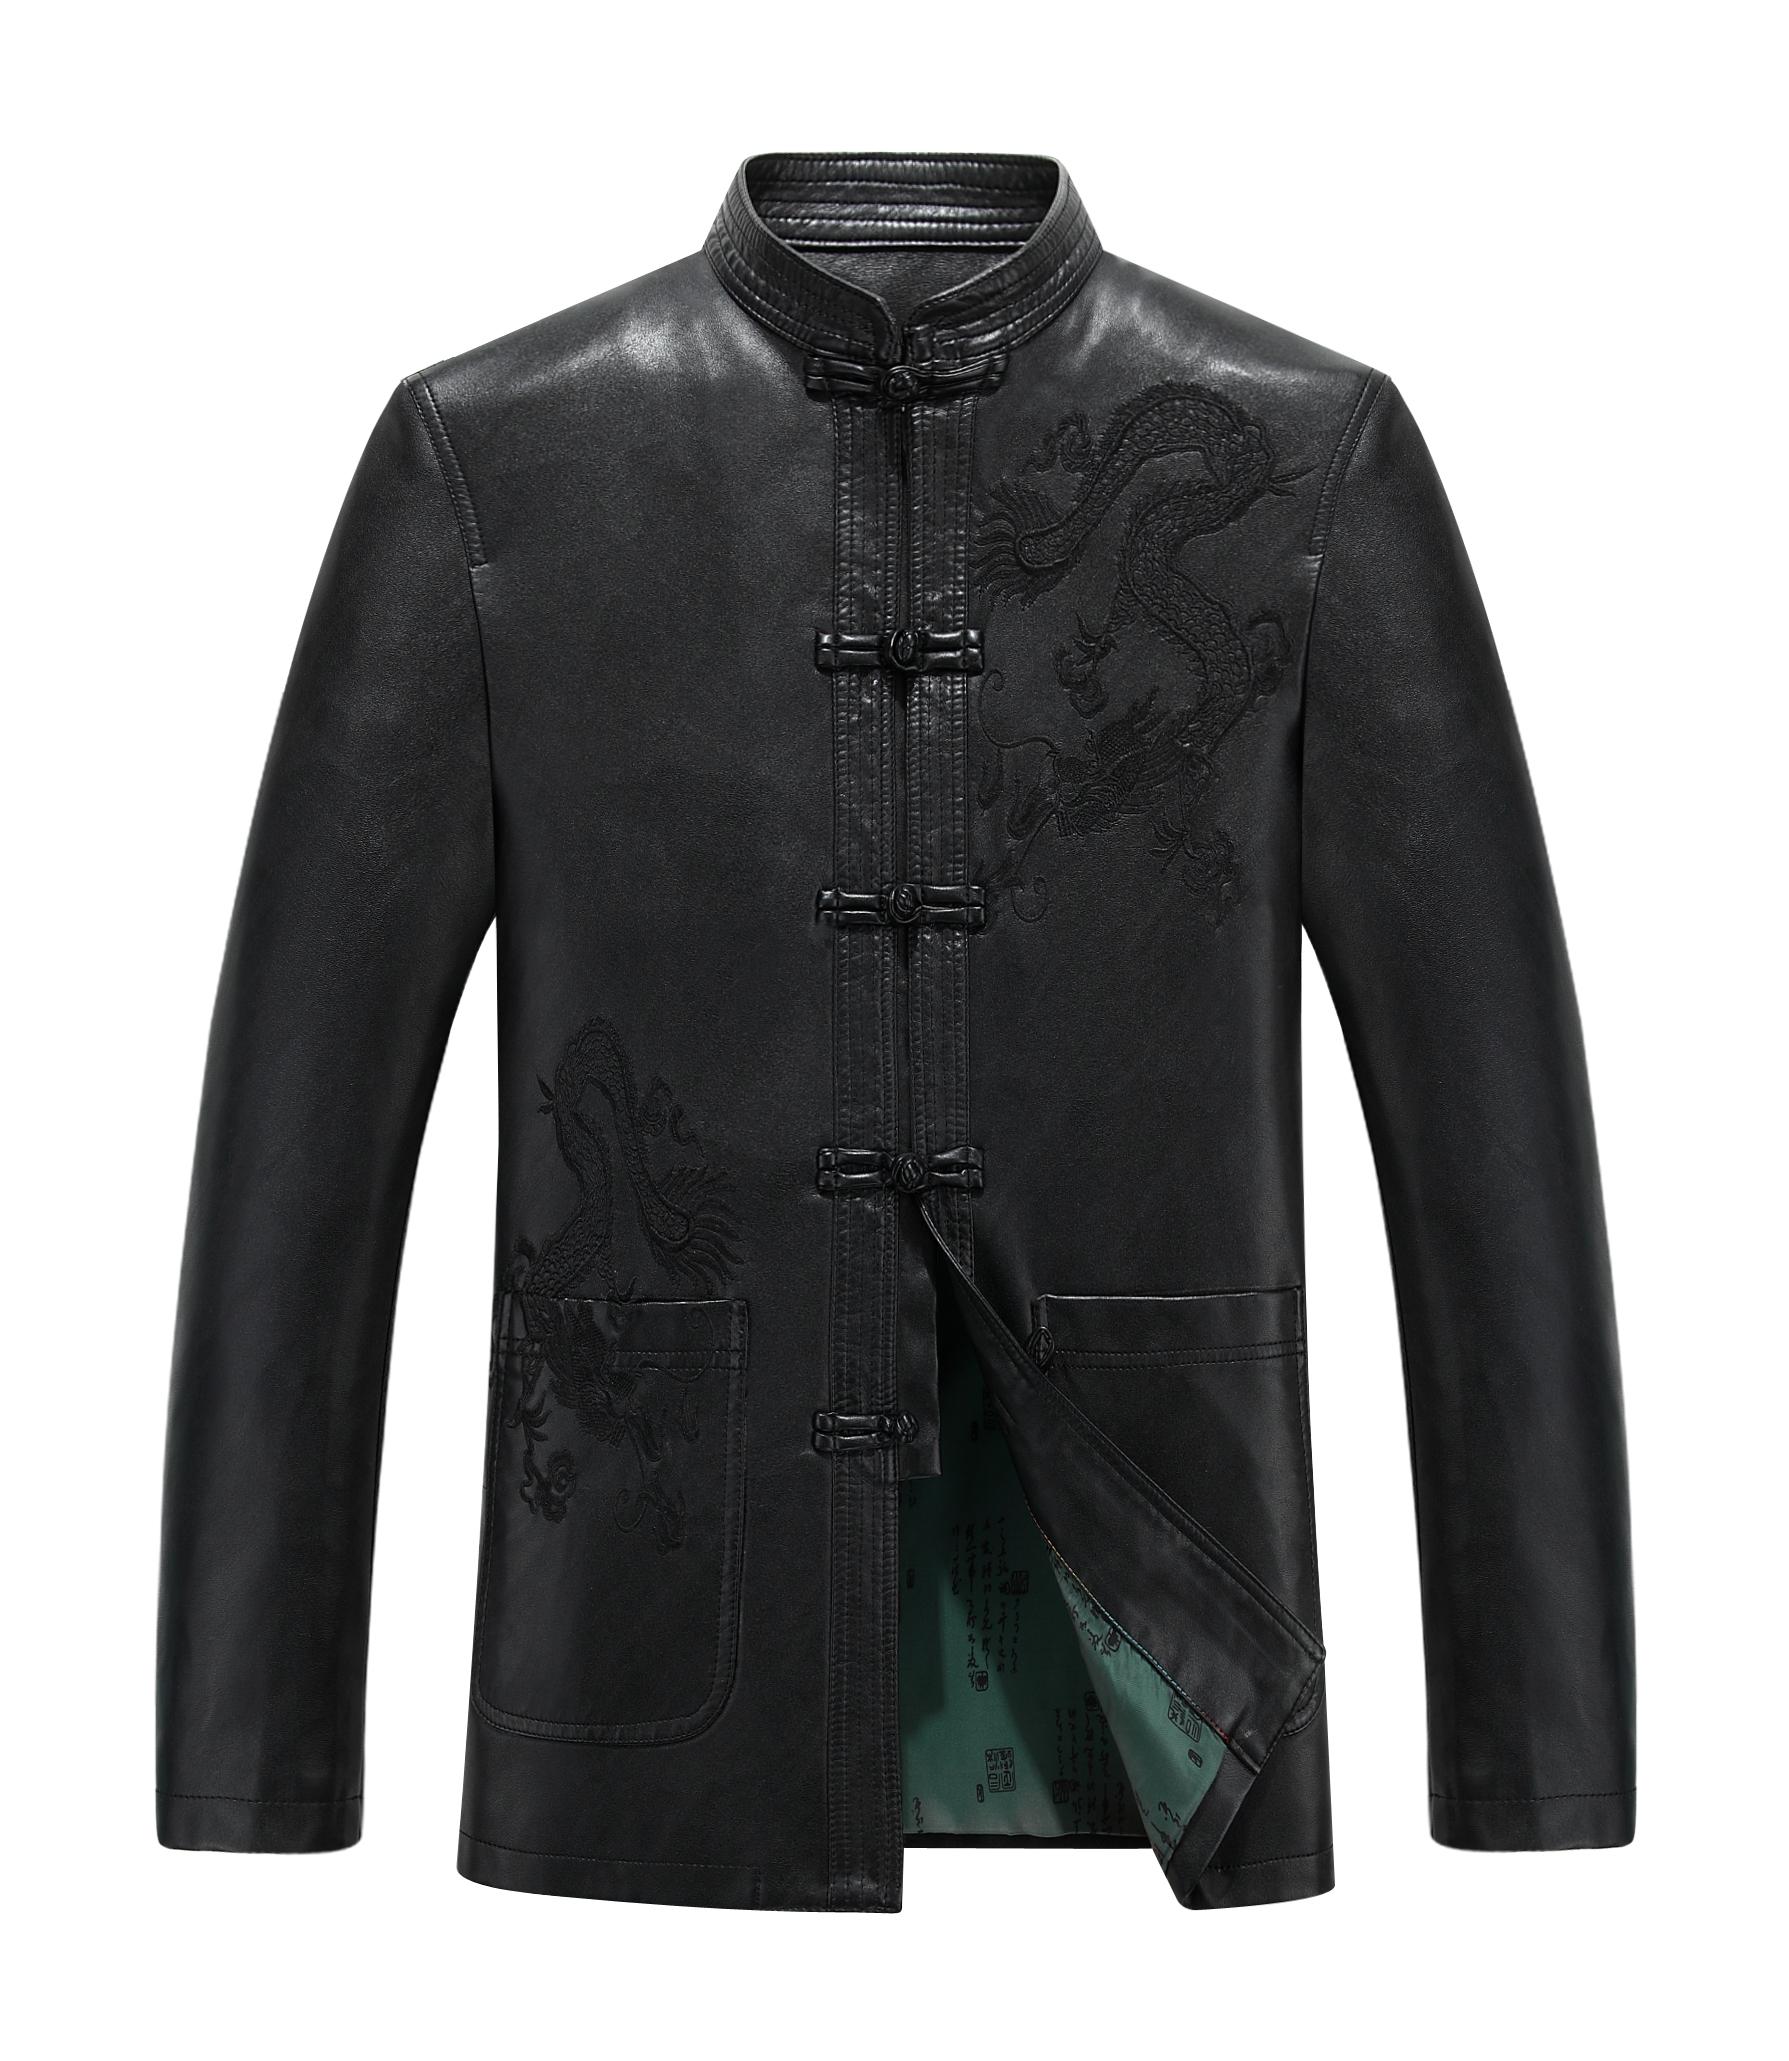 中老年男装皮衣复古休闲唐装皮衣男士大码皮外套男式中国风皮夹克